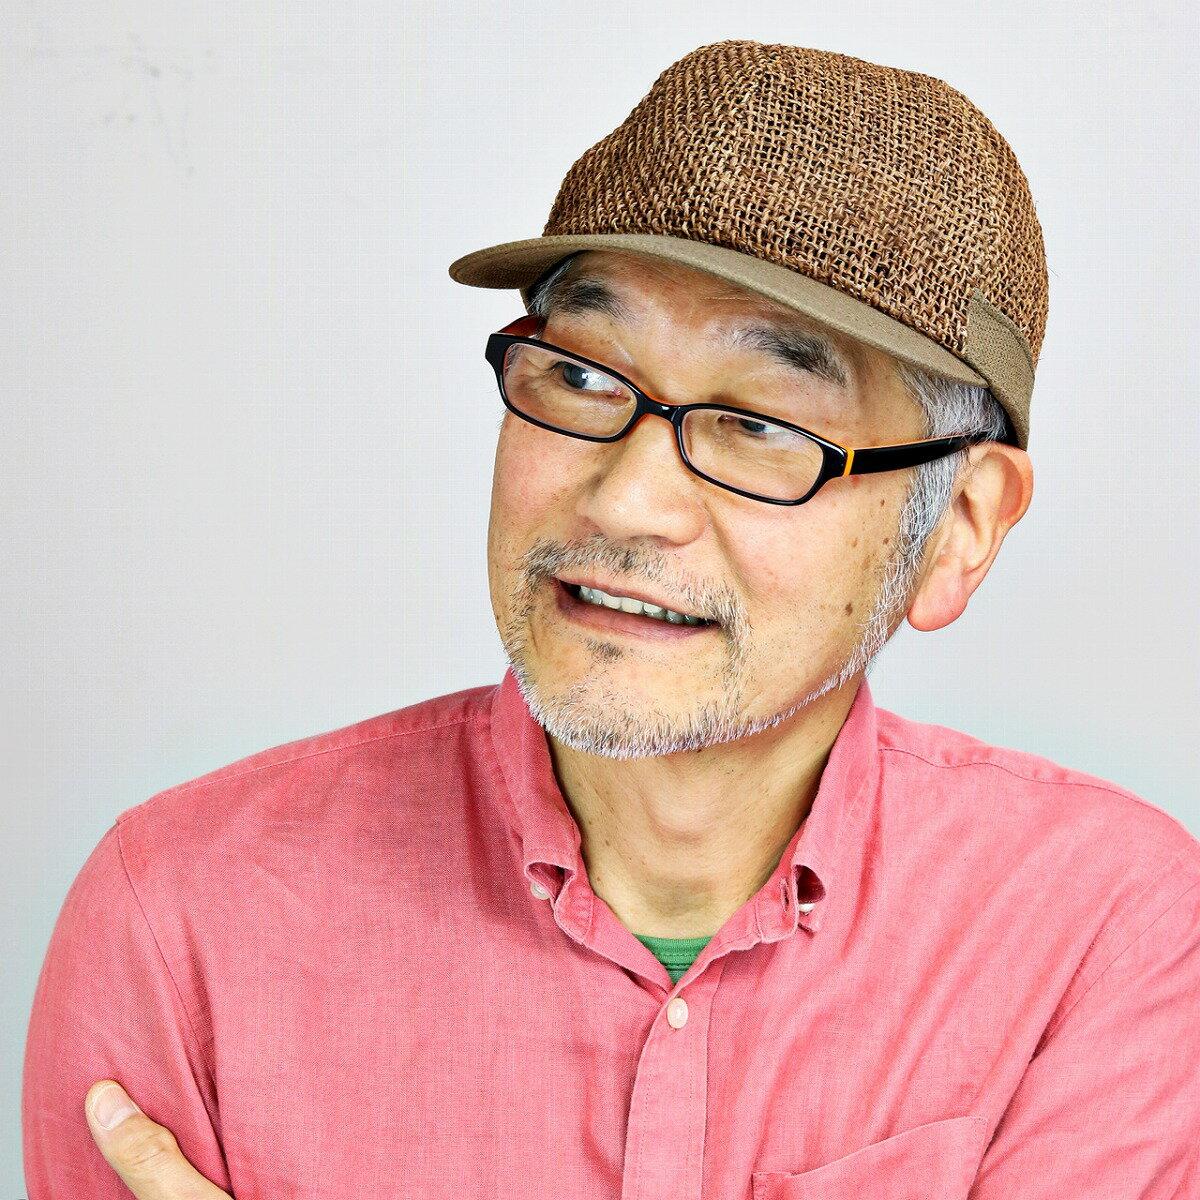 調整可 日本製 マツイ matsui 茶 ブラウン [cap](メンズ帽子 紳士帽子 50代 60代 70代 ファッション 男性 おしゃれ  プレゼント 通販 メッシュキャップ ぼうし)